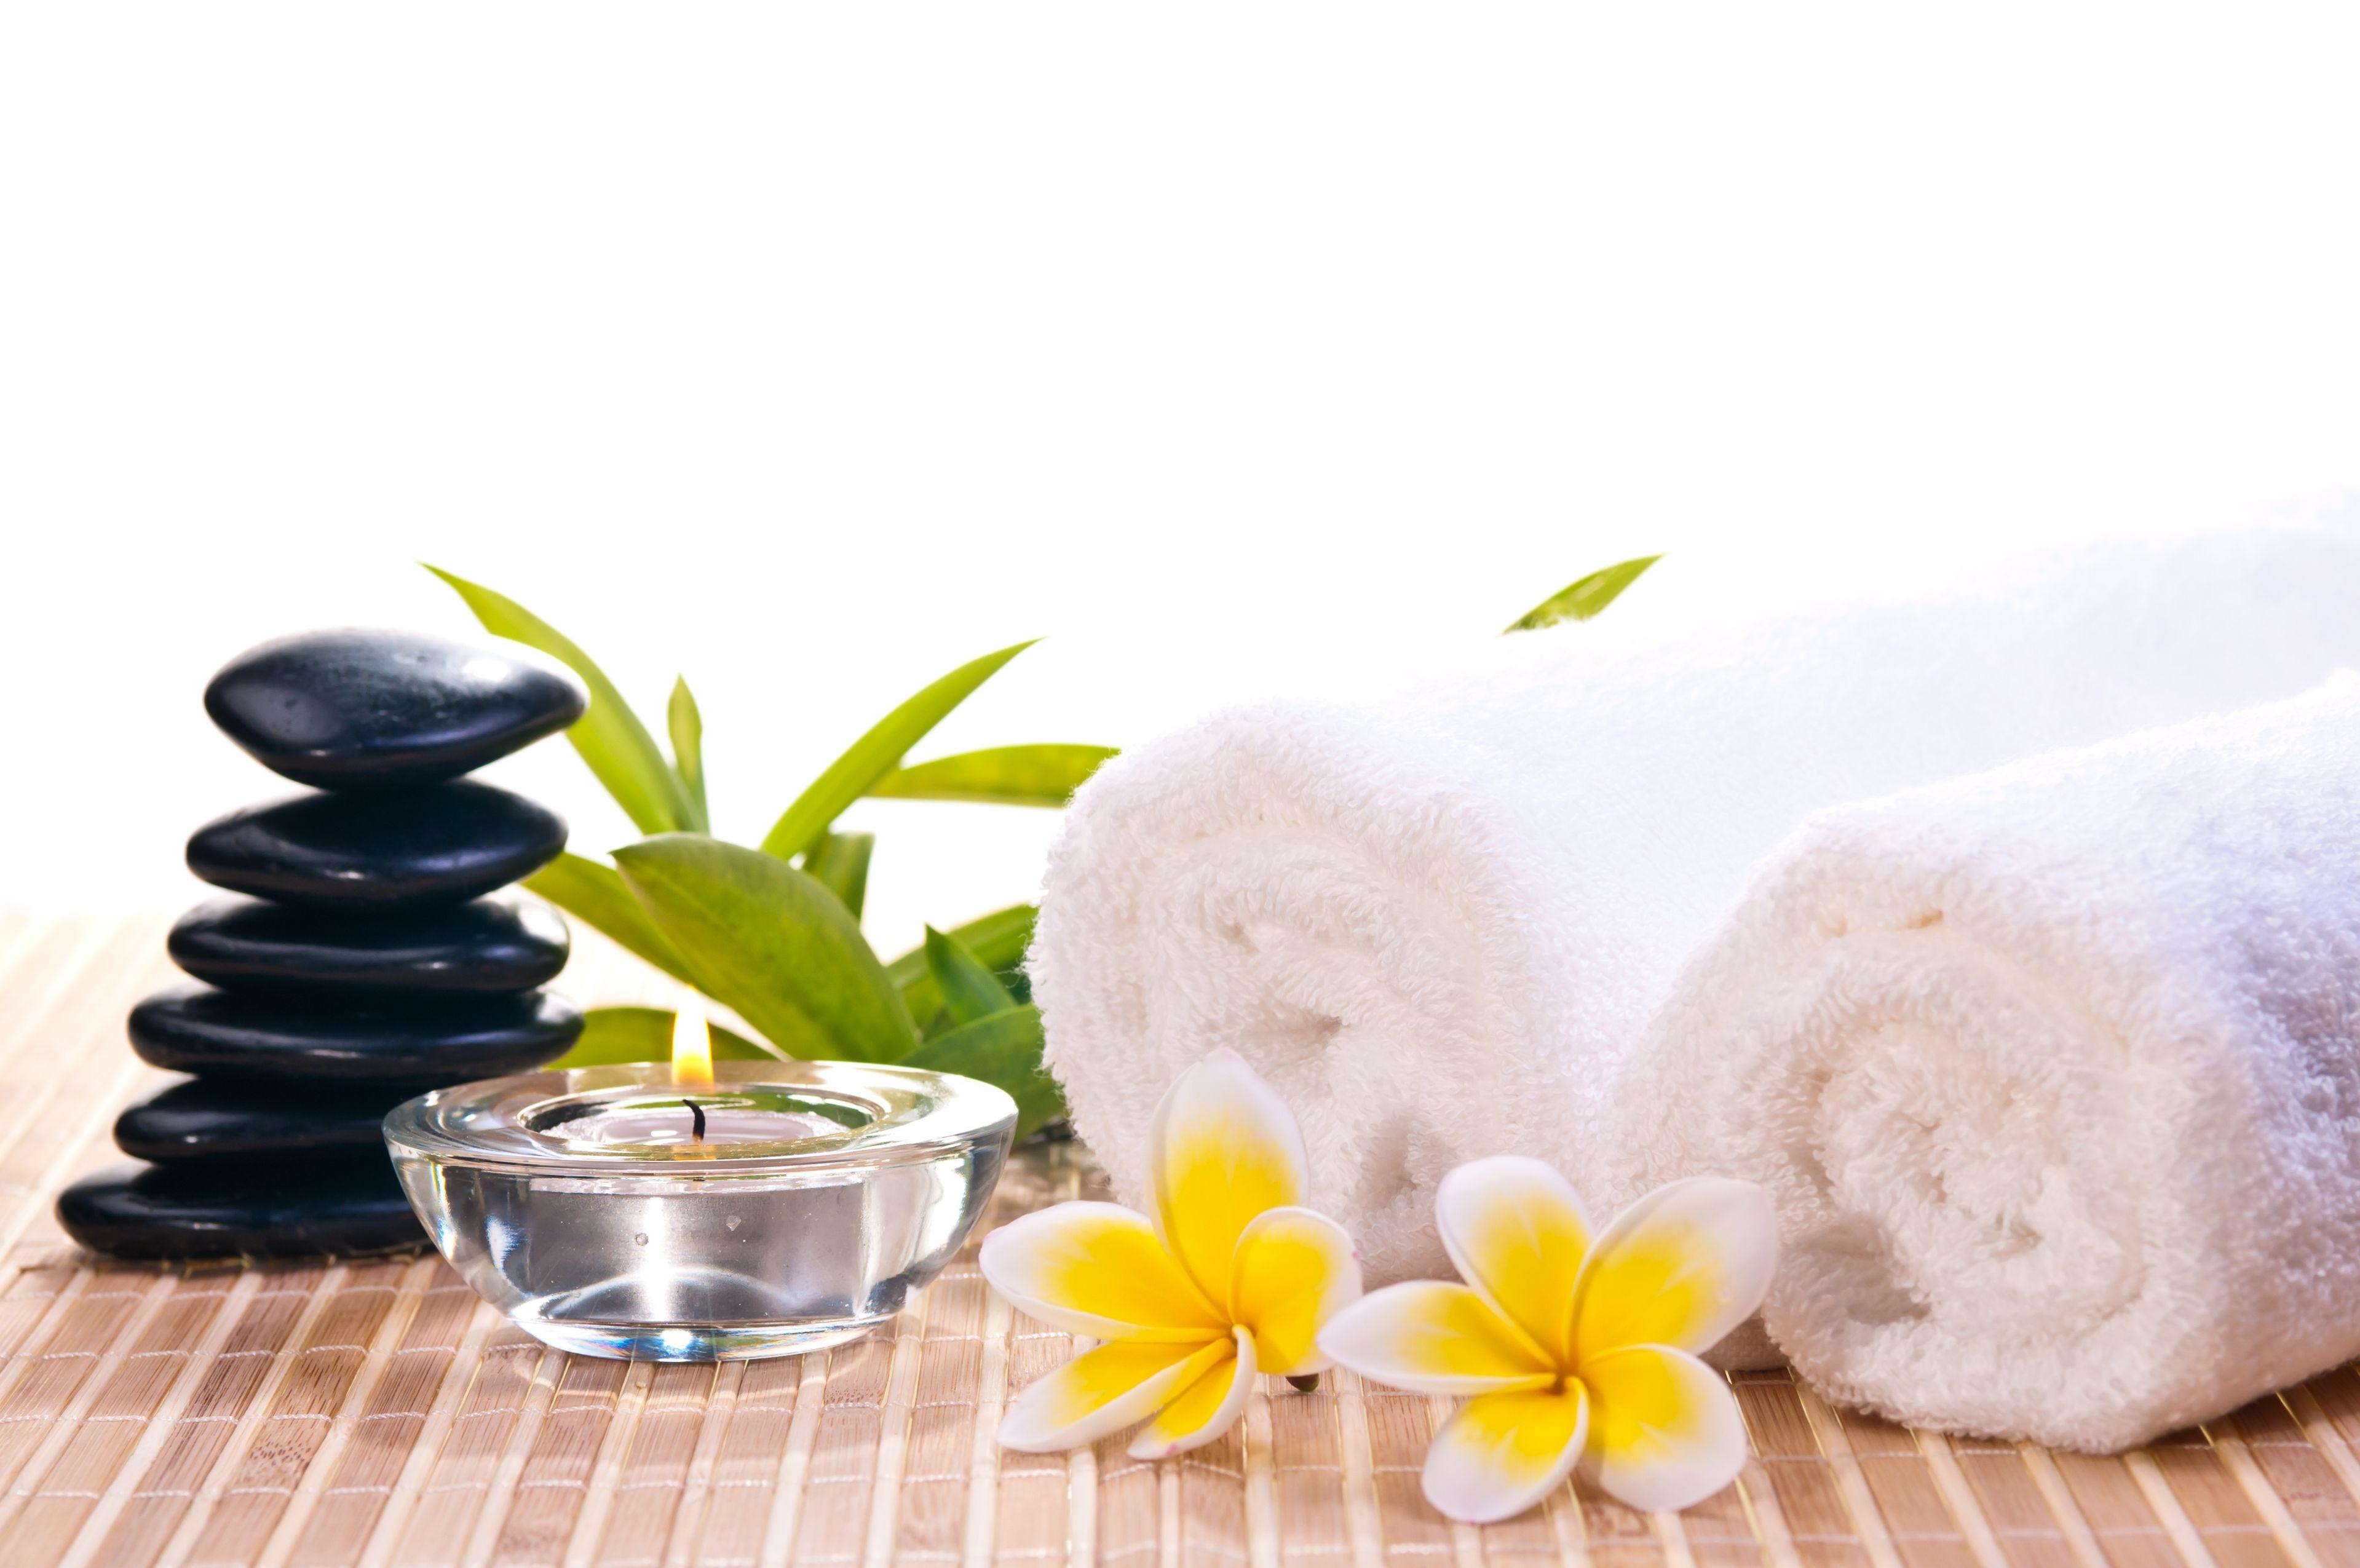 Meditación, comida sana, spa y creatividad: 4 claves del turismo de bienestar